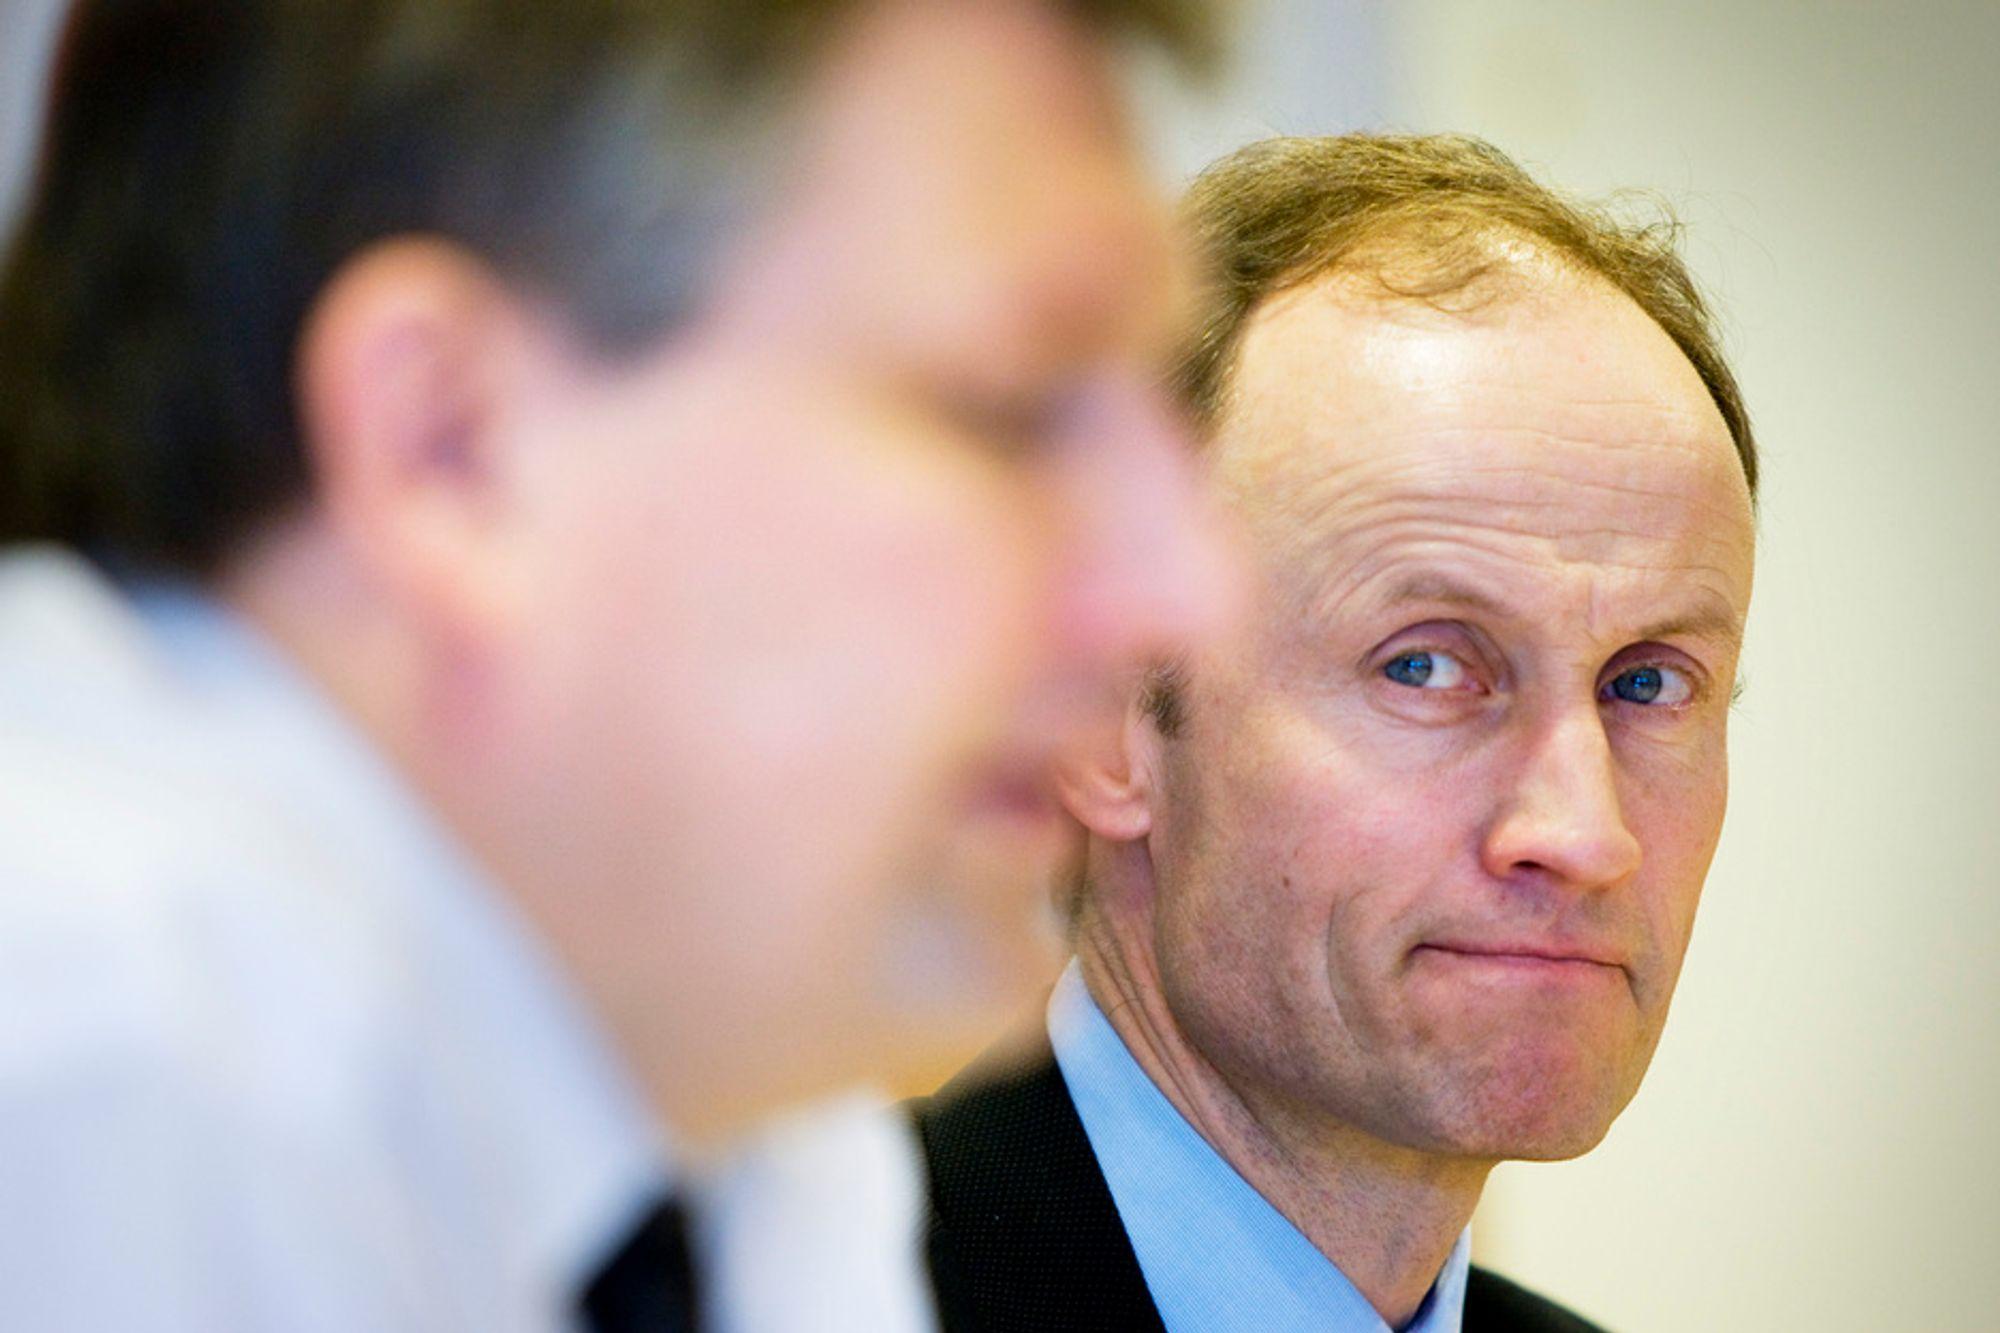 KRITISERES: Enova-sjef Nils Kristian Nakstad får sterk kritikk av Riksrevisjonen. Nå krever opposjonspolitikere at statsråd Tere Riis-Johansen tar tak i Enova.